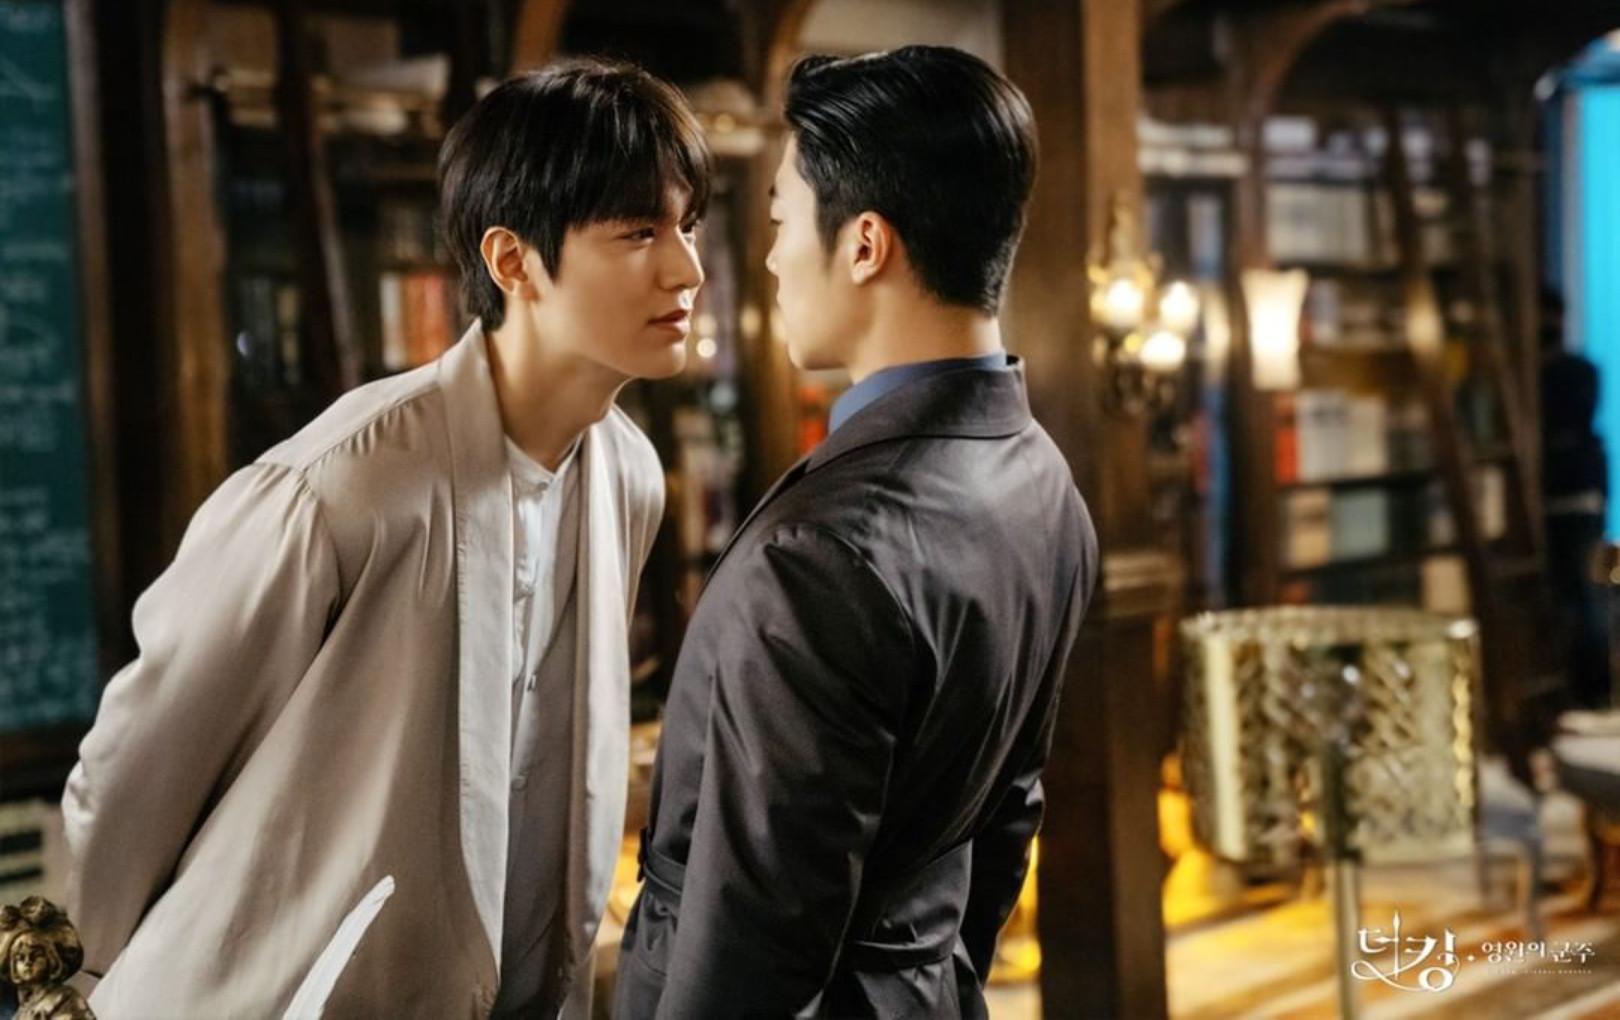 """Lee Min Ho như muốn """"ăn tươi nuốt sống"""" bạn diễn nam, khán giả đồng loạt đẩy thuyền vì chẳng khác gì đam mỹ"""